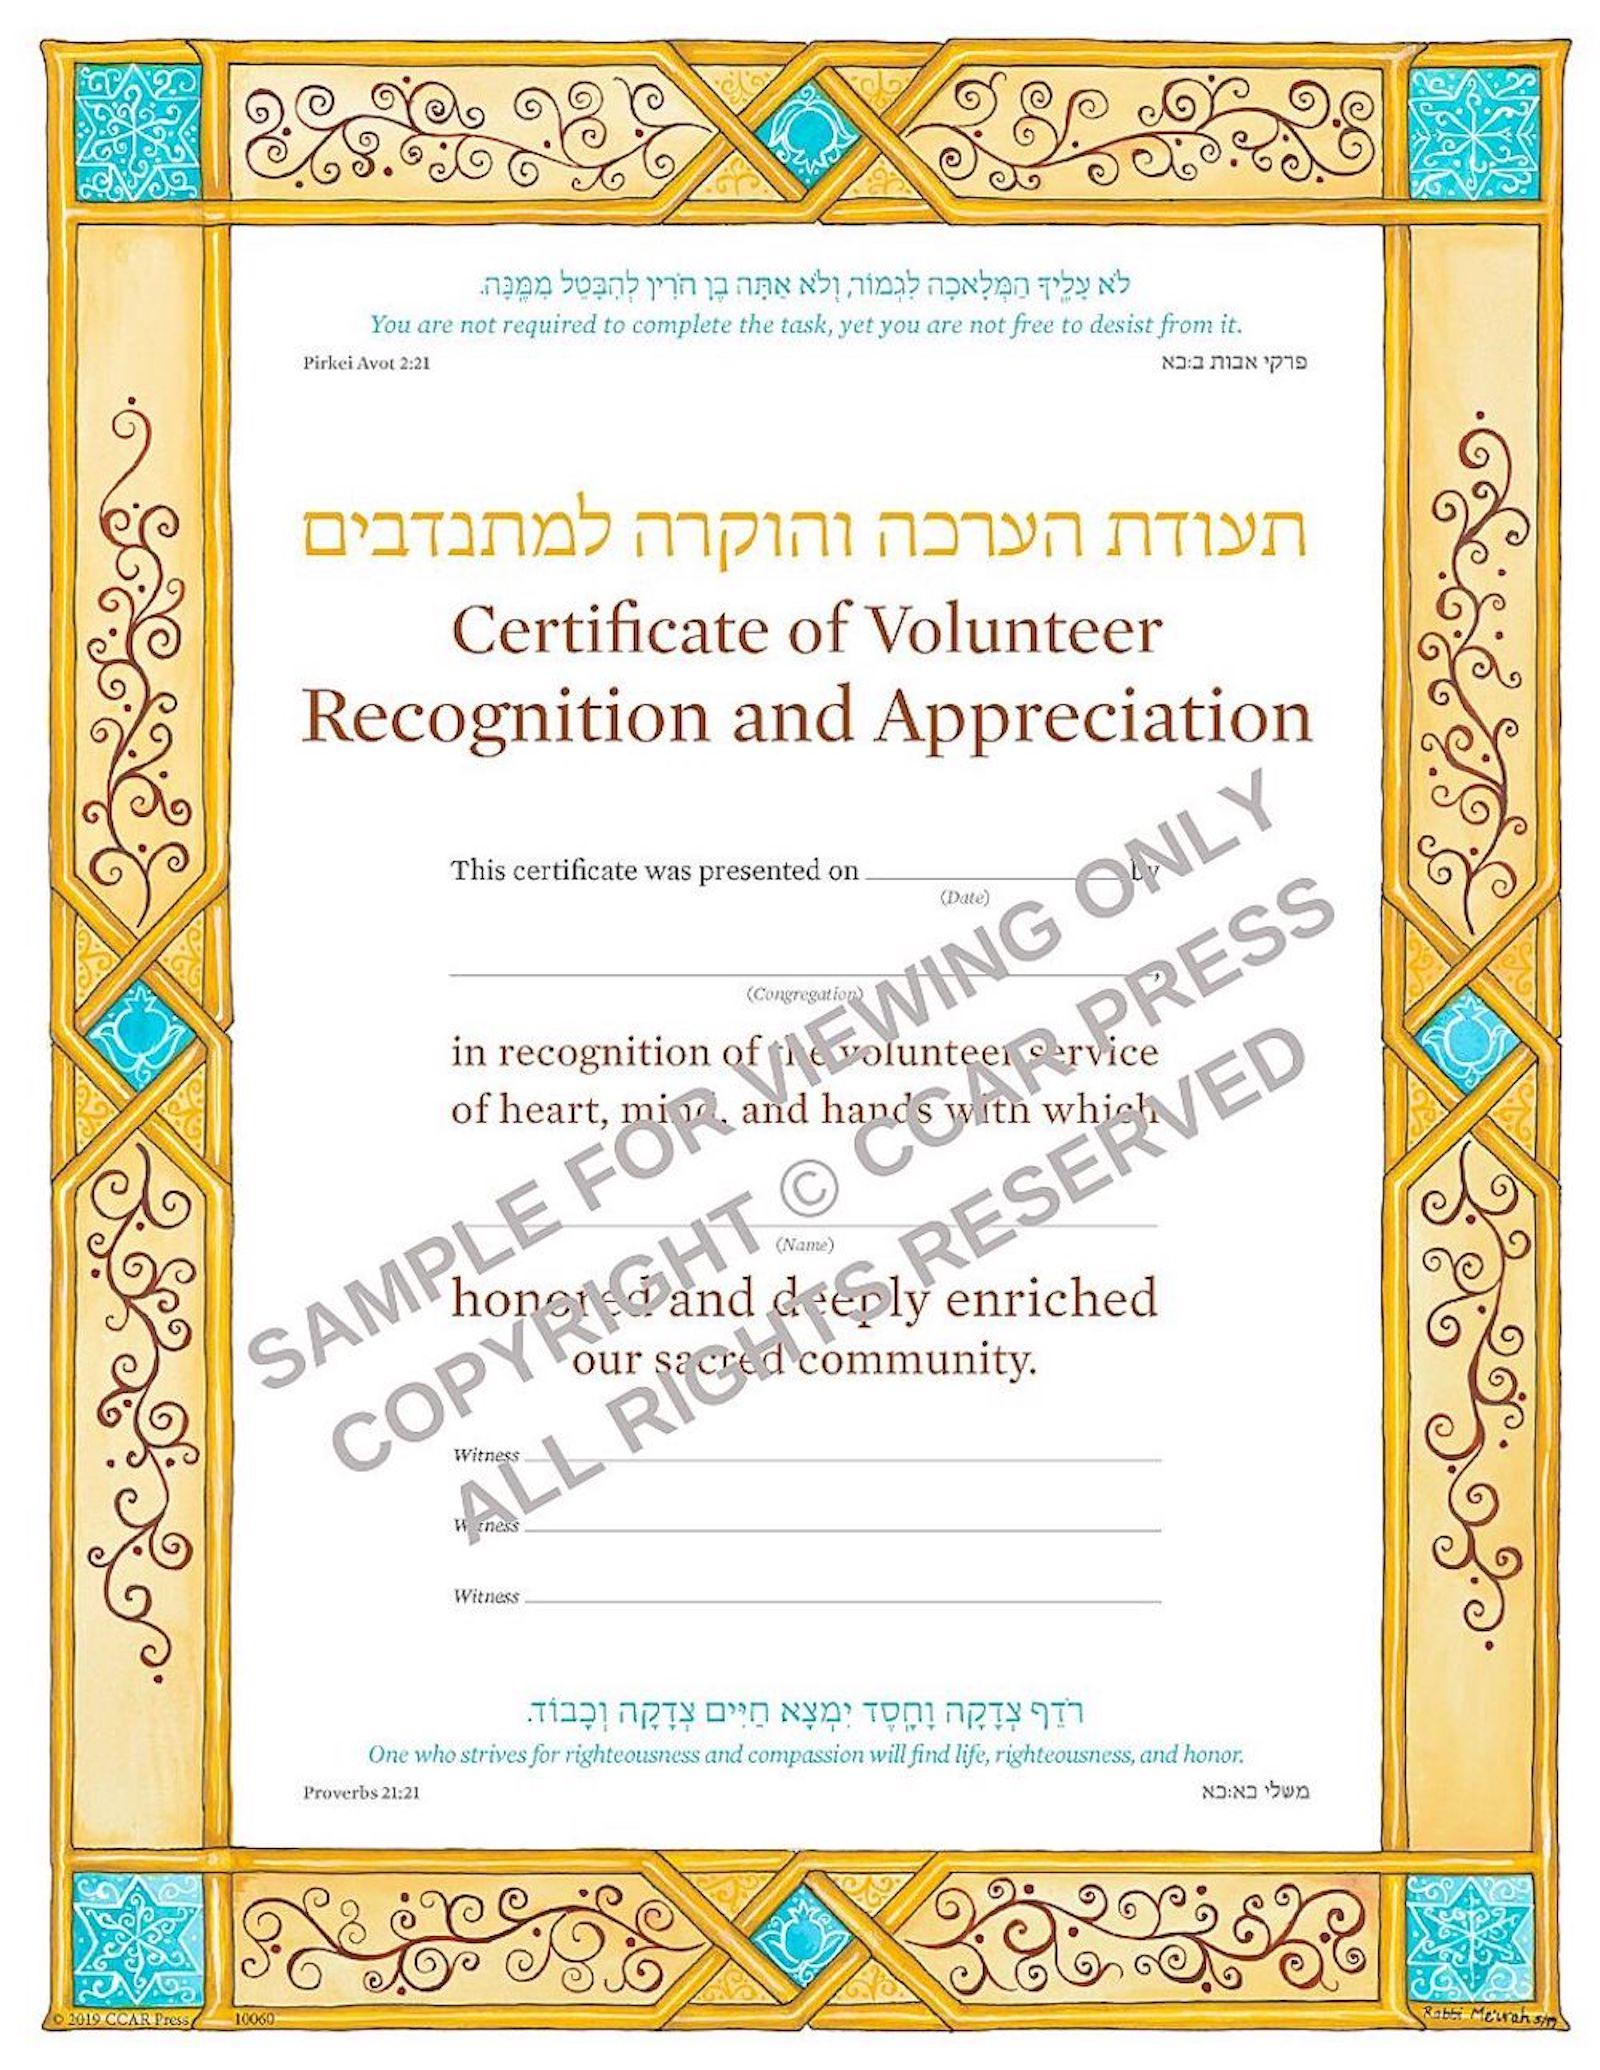 Recognizing Volunteers - Certificate